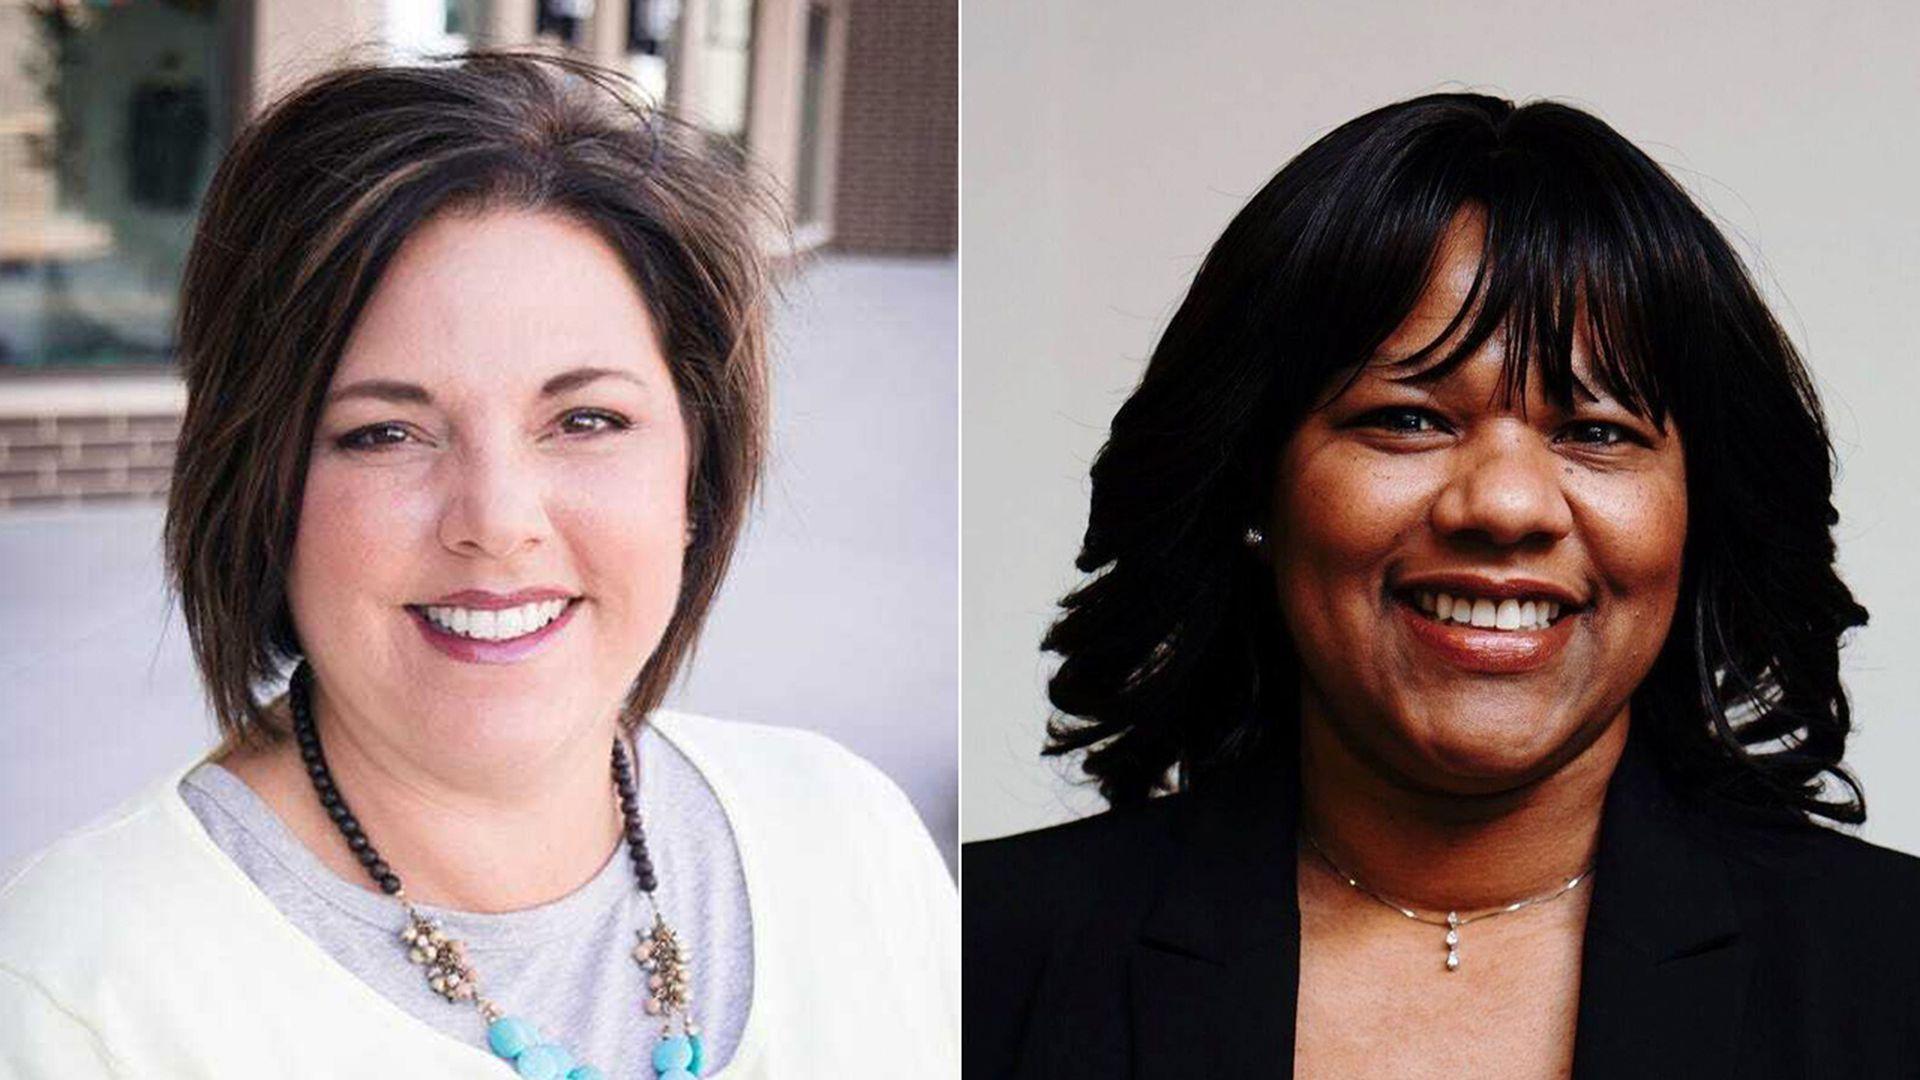 A headshot of Ankeny School Board member Lori Lovstad, next to a headshot of Monic Behnken, outgoing Ames School Board member.